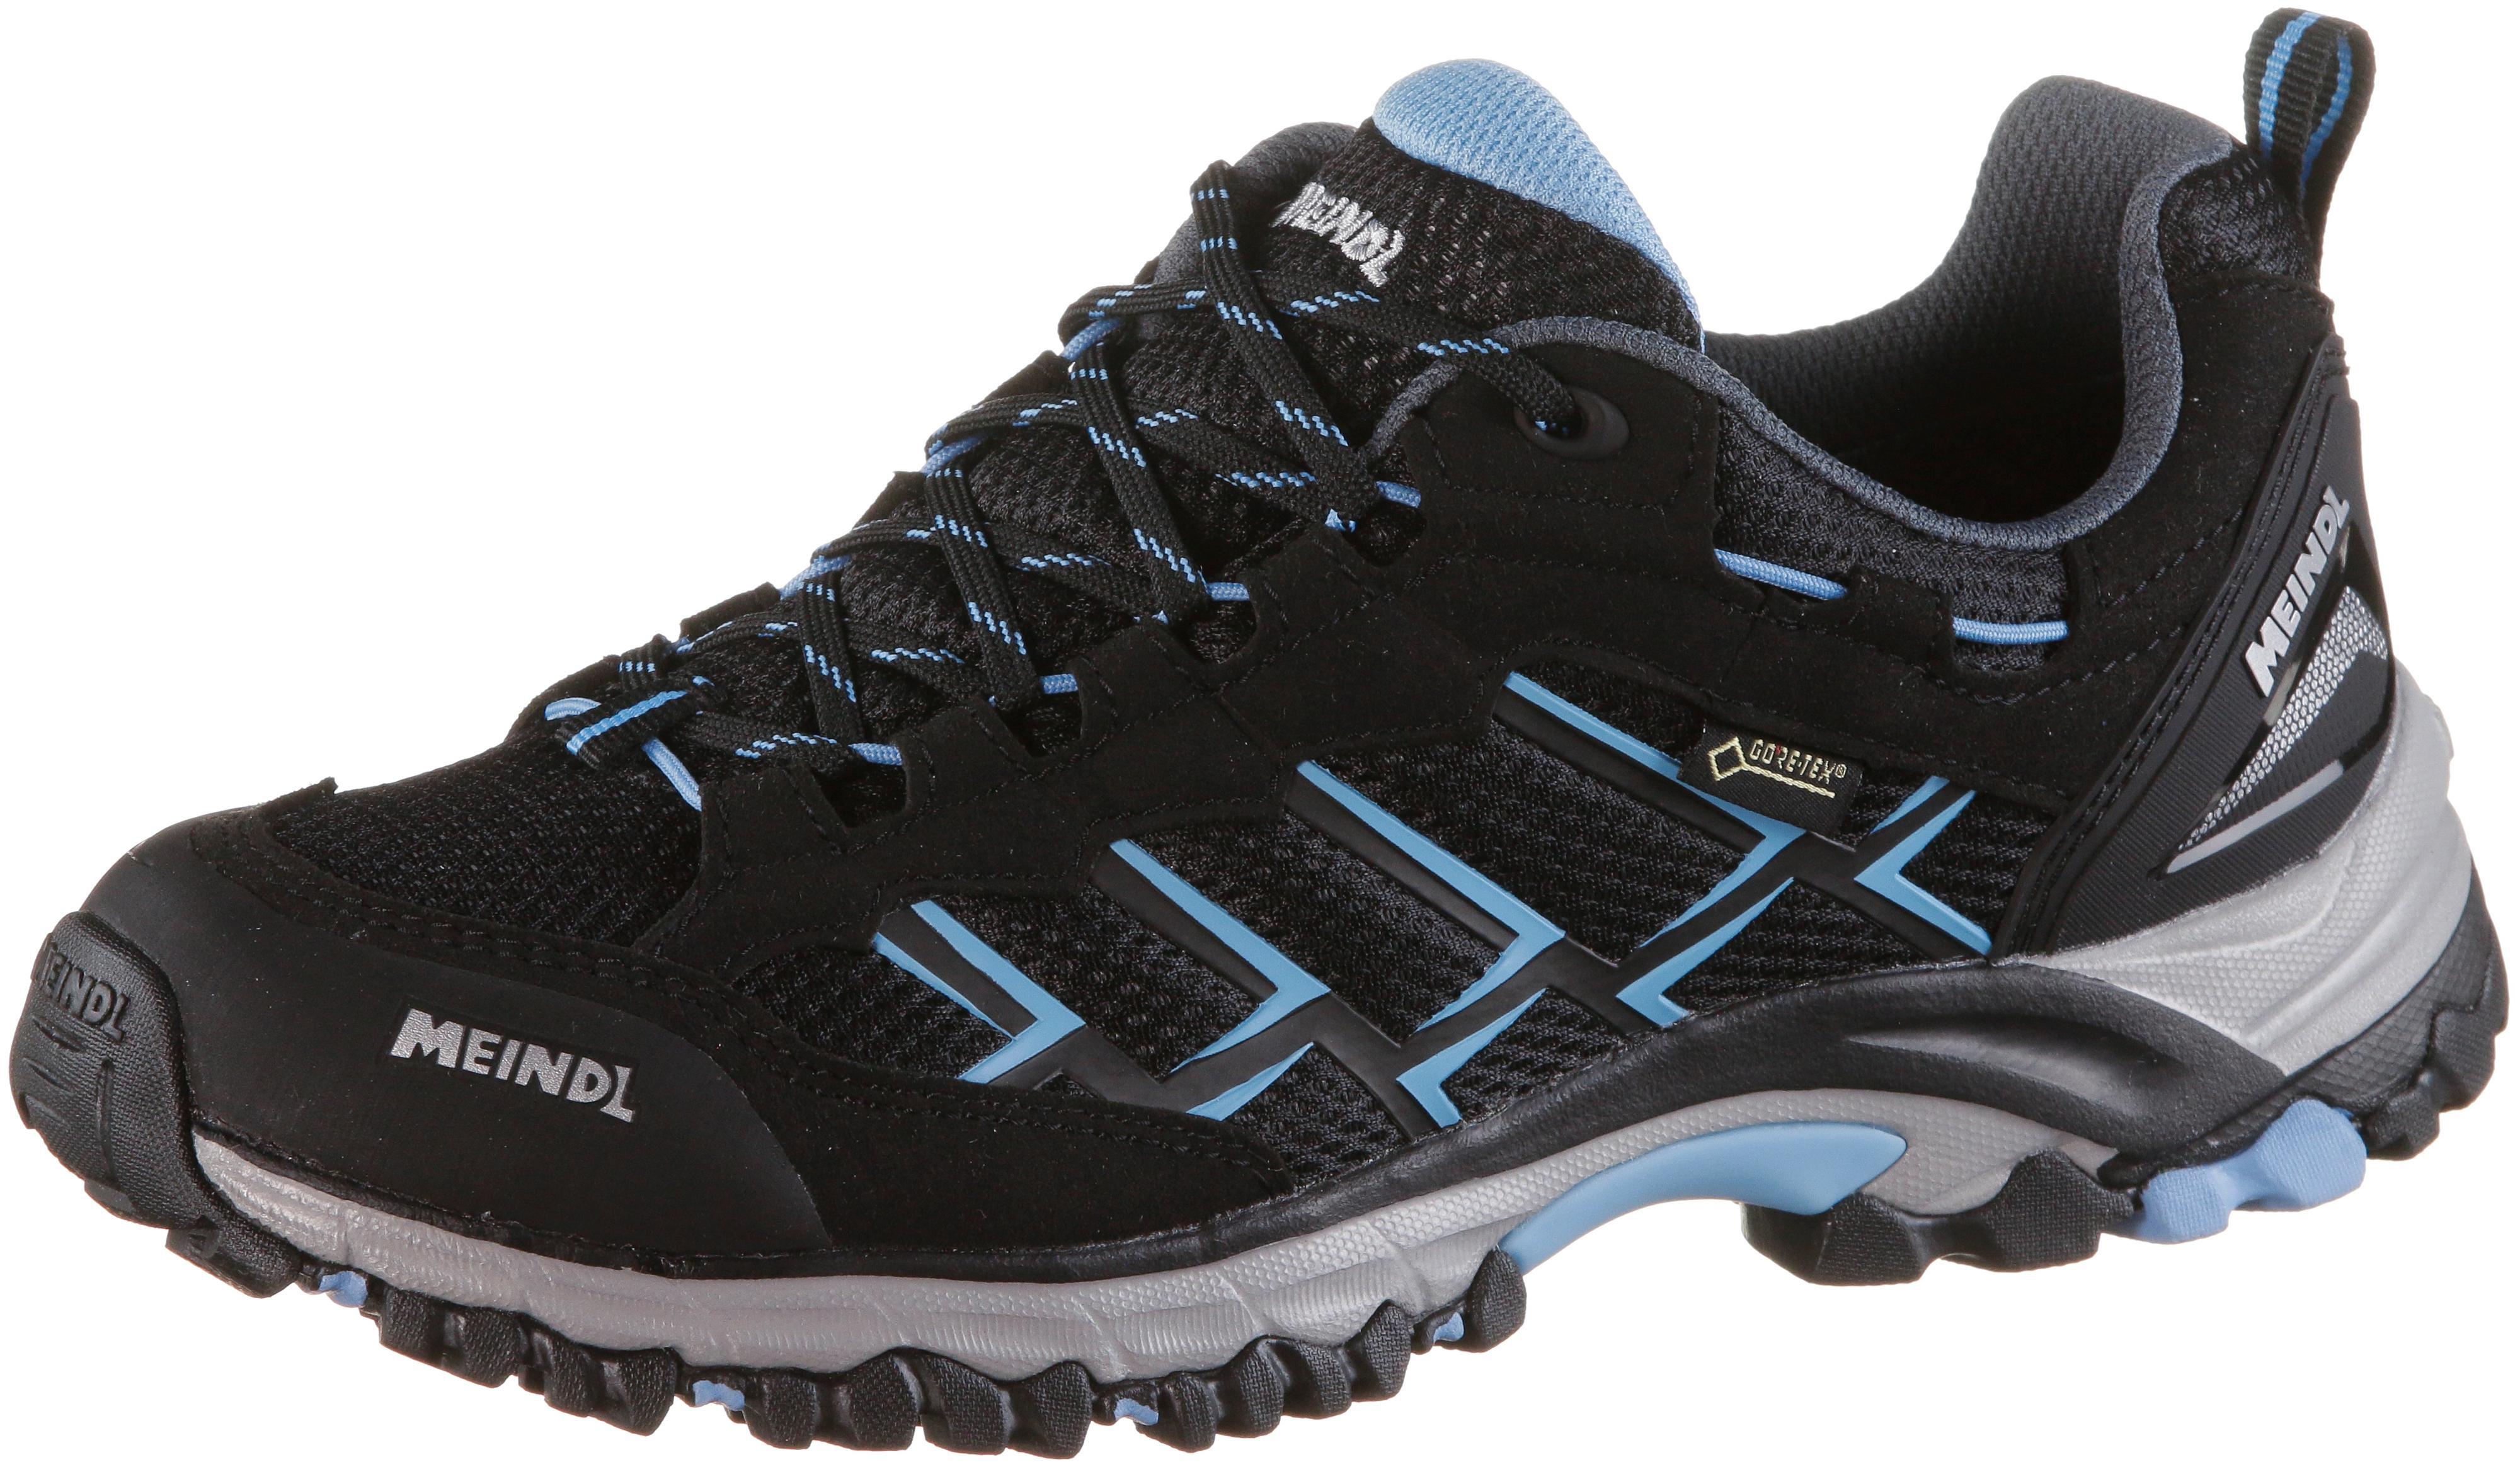 MEINDL Caribe GTX Multifunktionsschuhe Damen schwarz-azur im Online Shop von SportScheck kaufen Gute Qualität beliebte Schuhe